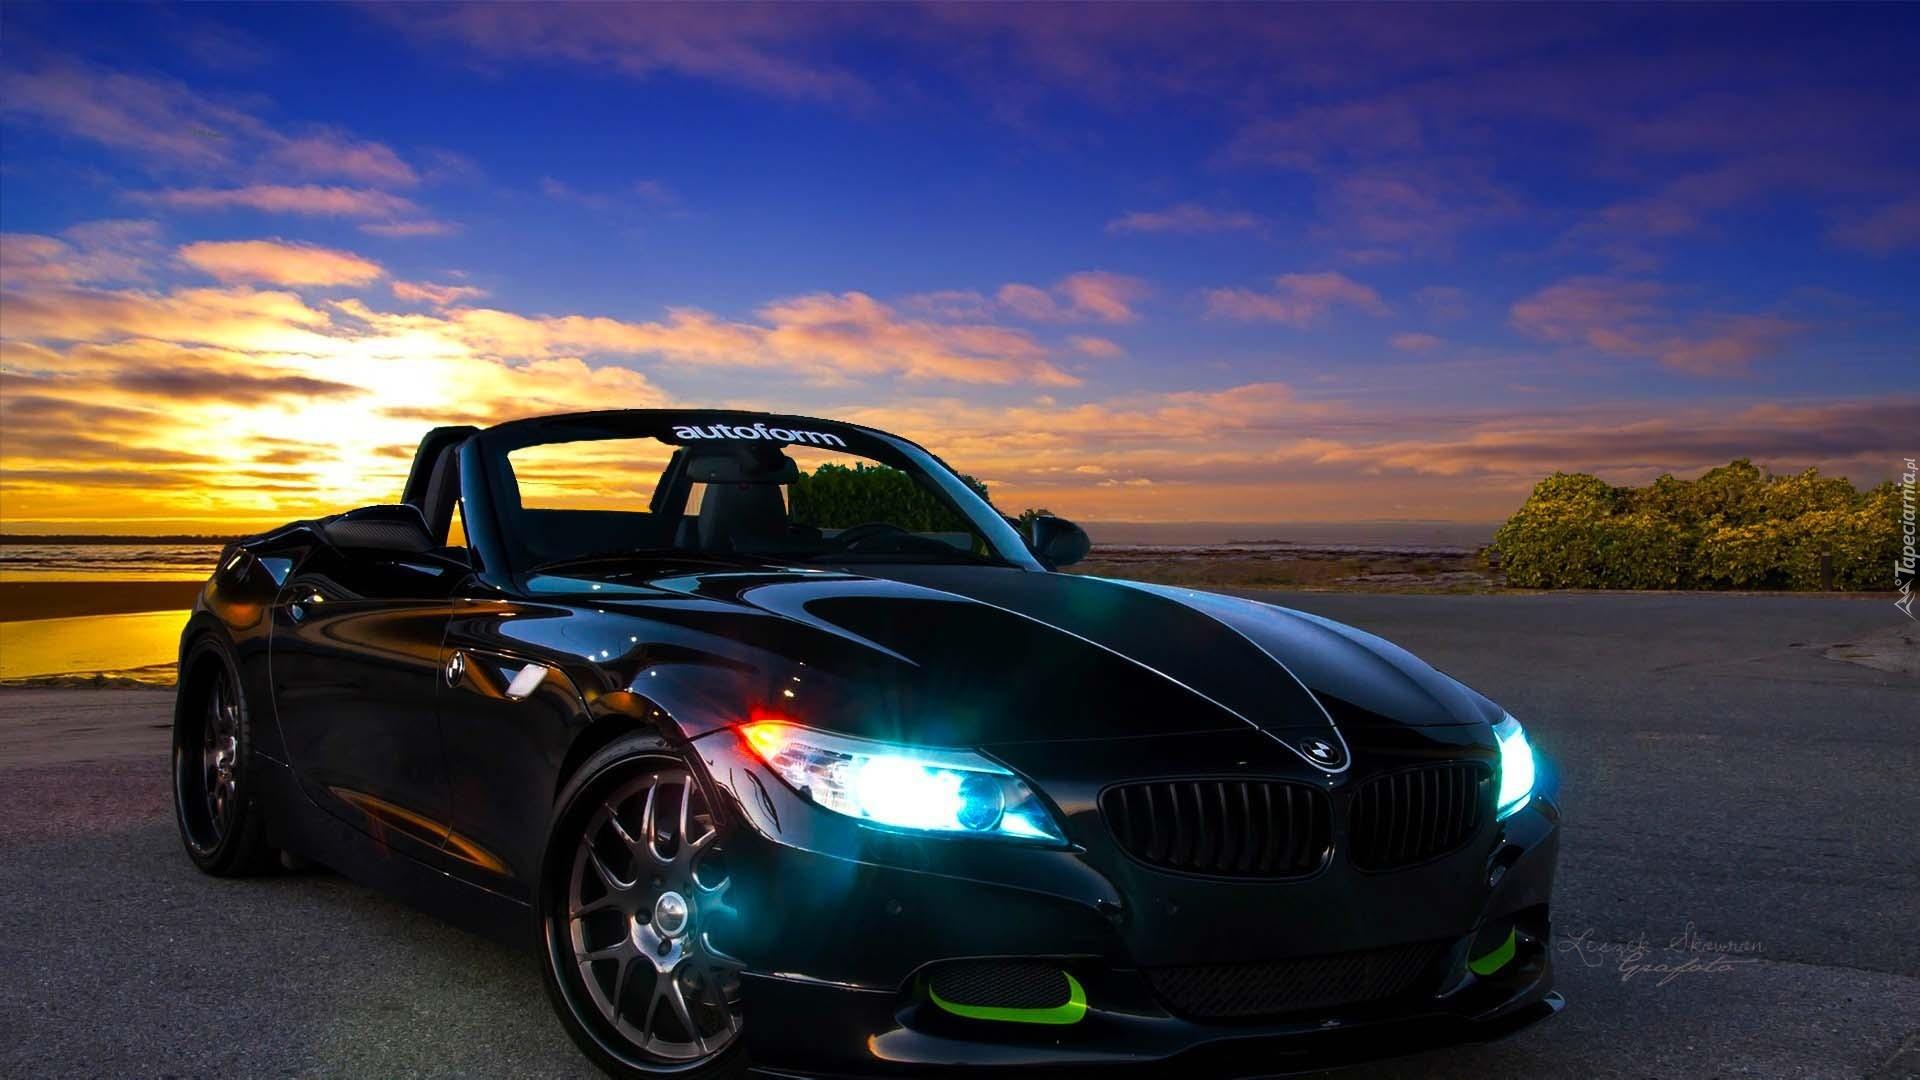 простой фотографии красивых машин в хорошем качестве только две